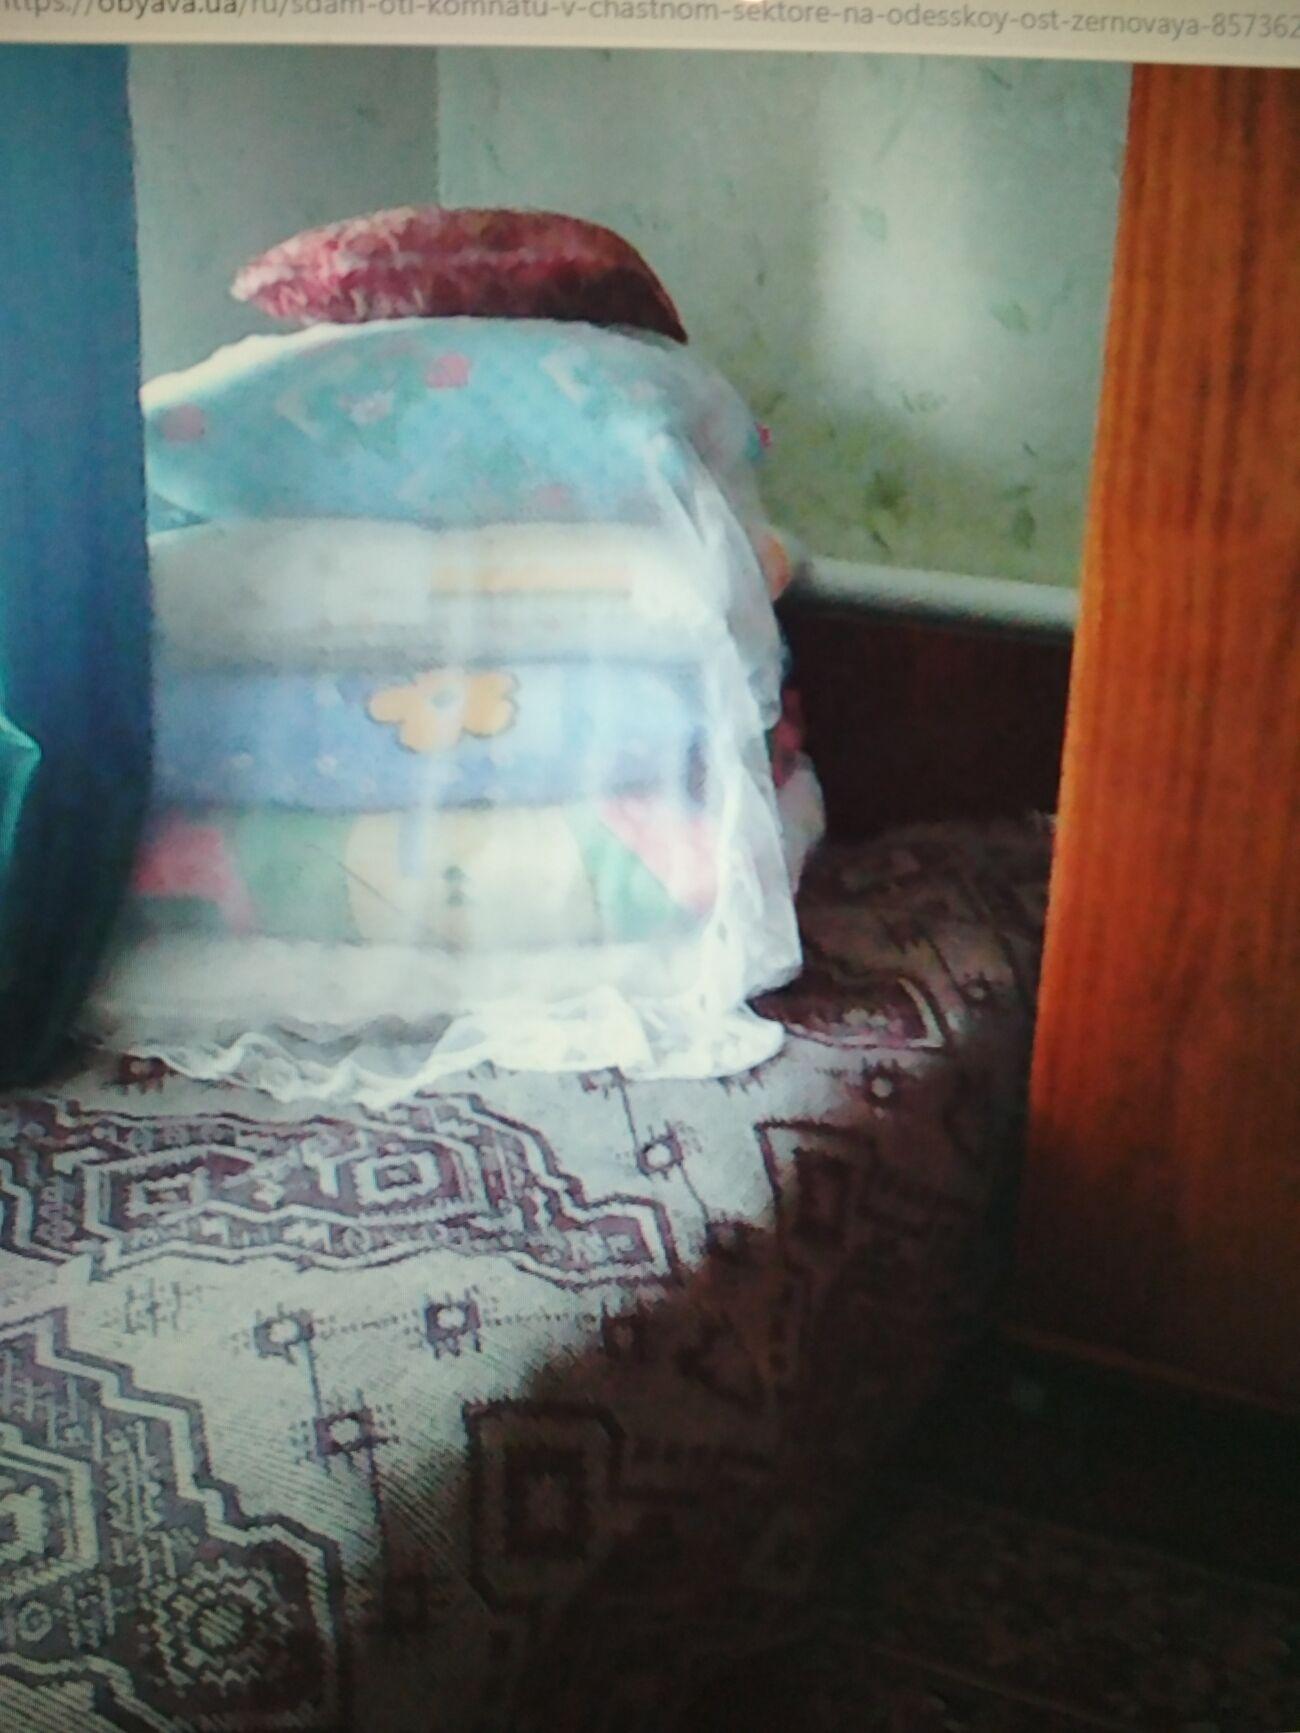 Сдам реальную комнату в частном секторе на Одесской ост. Зерновая